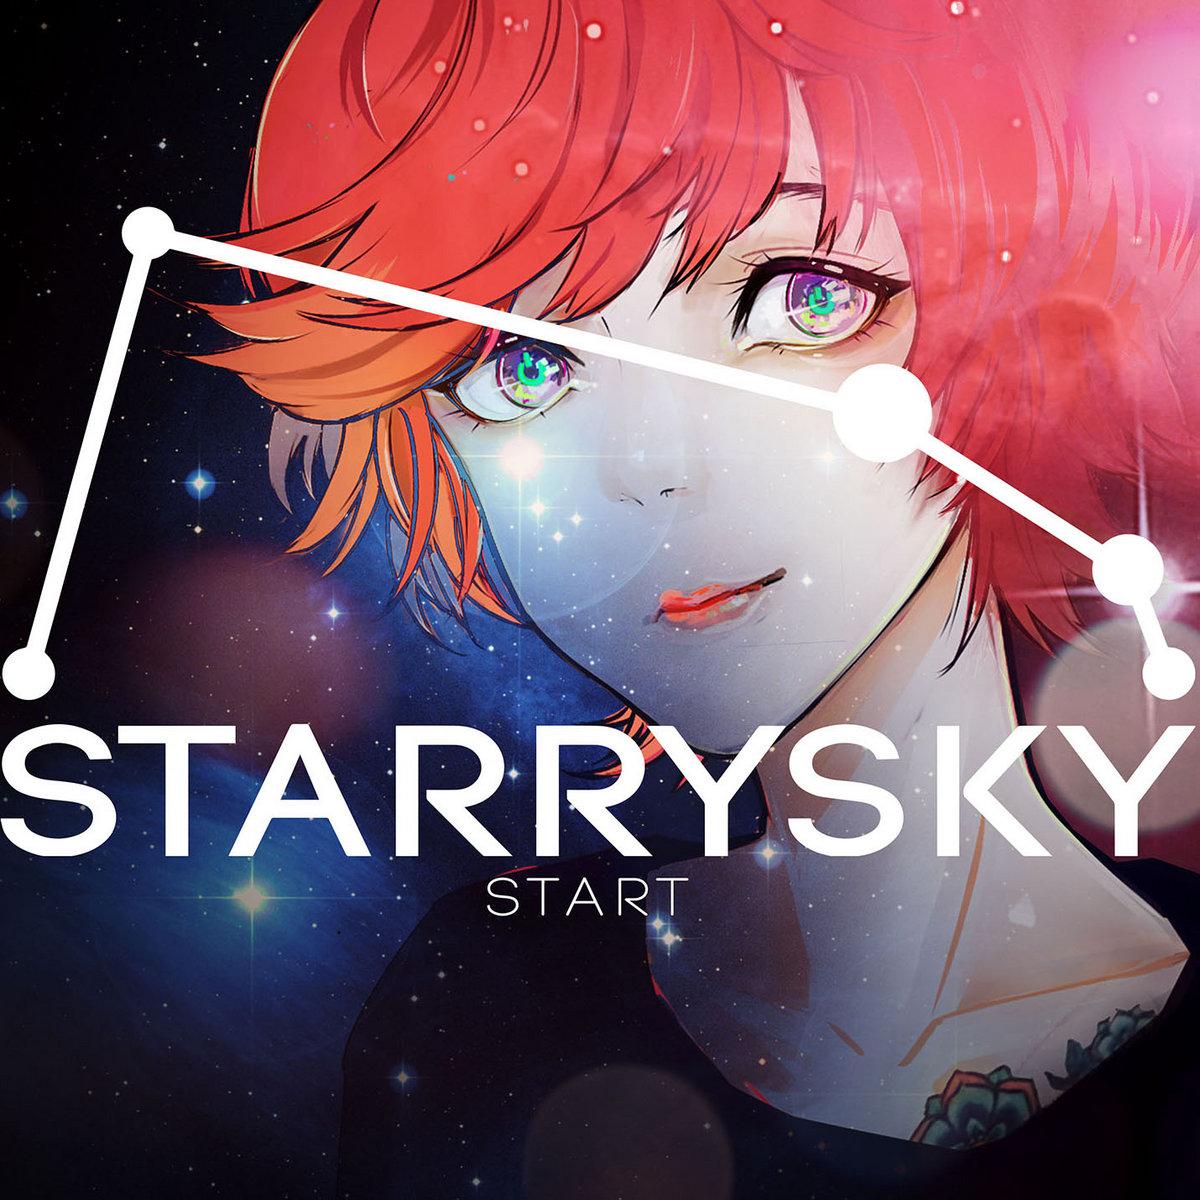 START | Starrysky